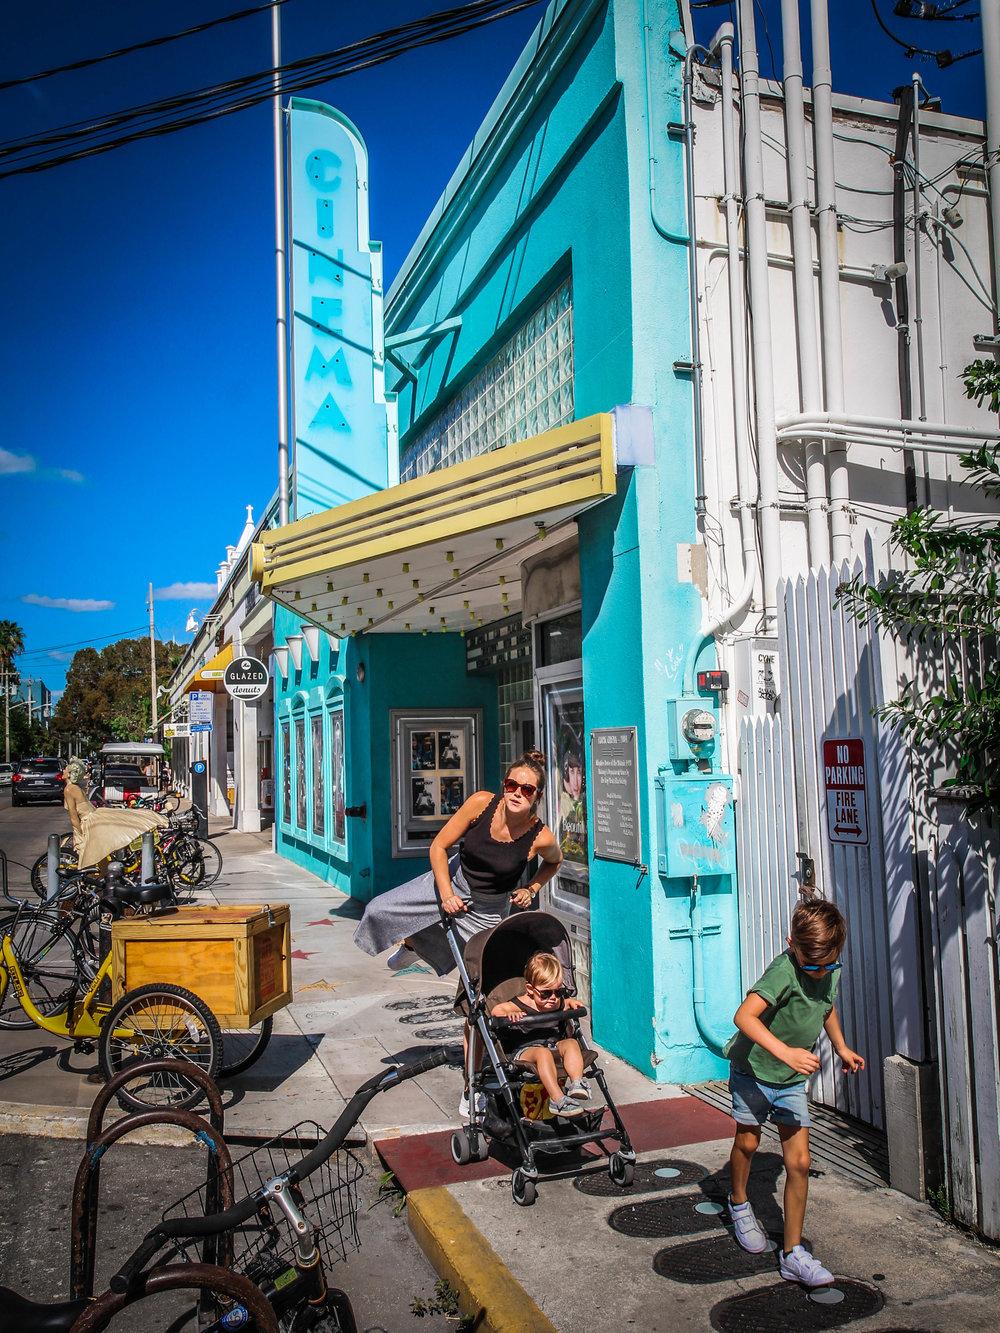 Florida_keys-_Key_west_To_do_reizen_met_kinderen-21.jpg